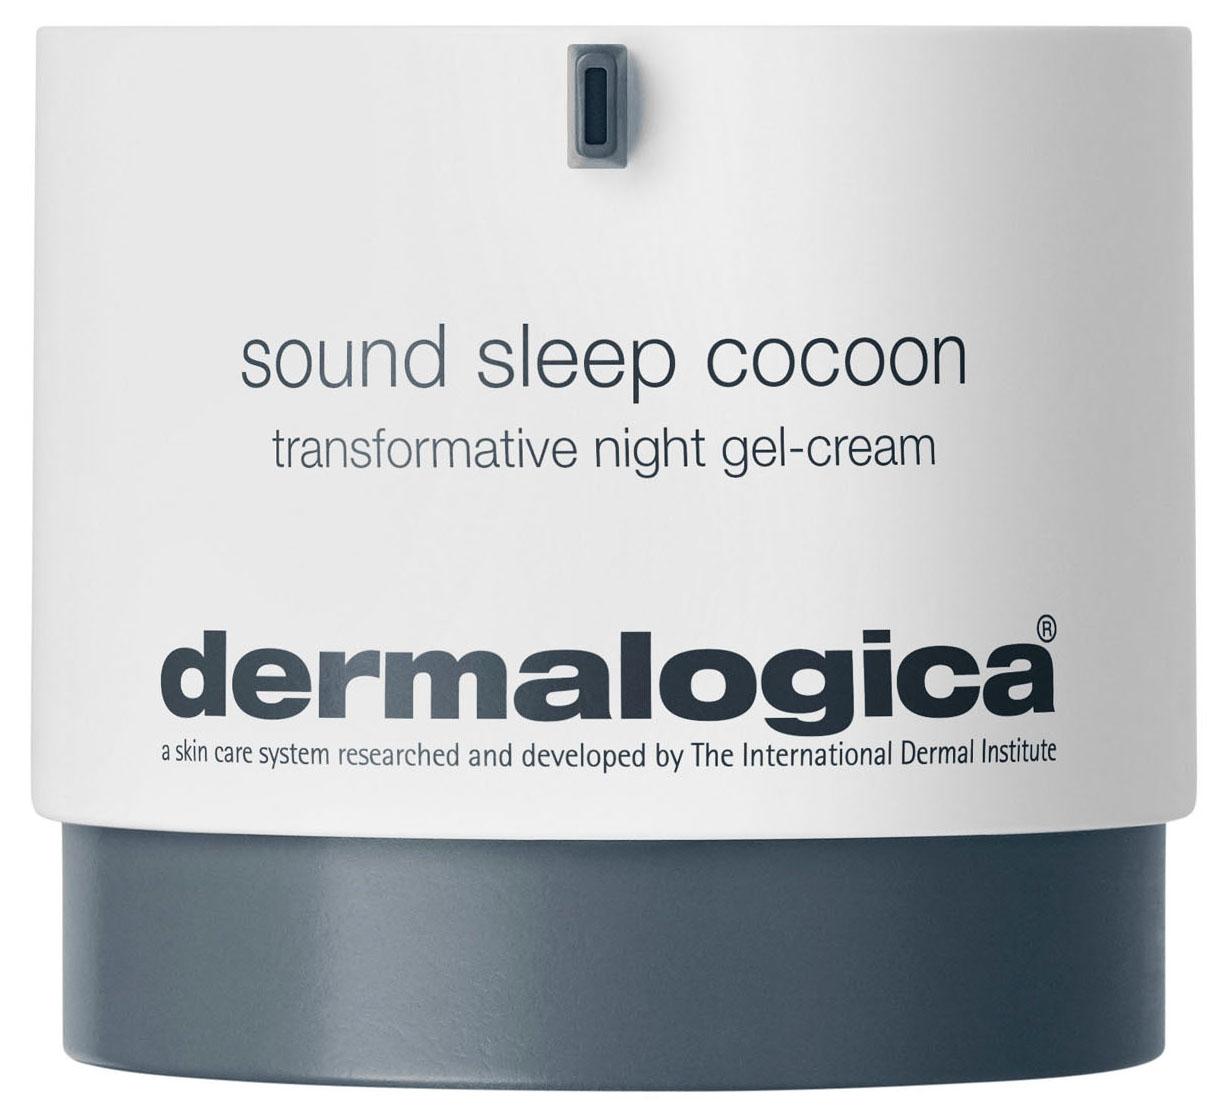 dermalogica sound sleep cocoon night gel-cream